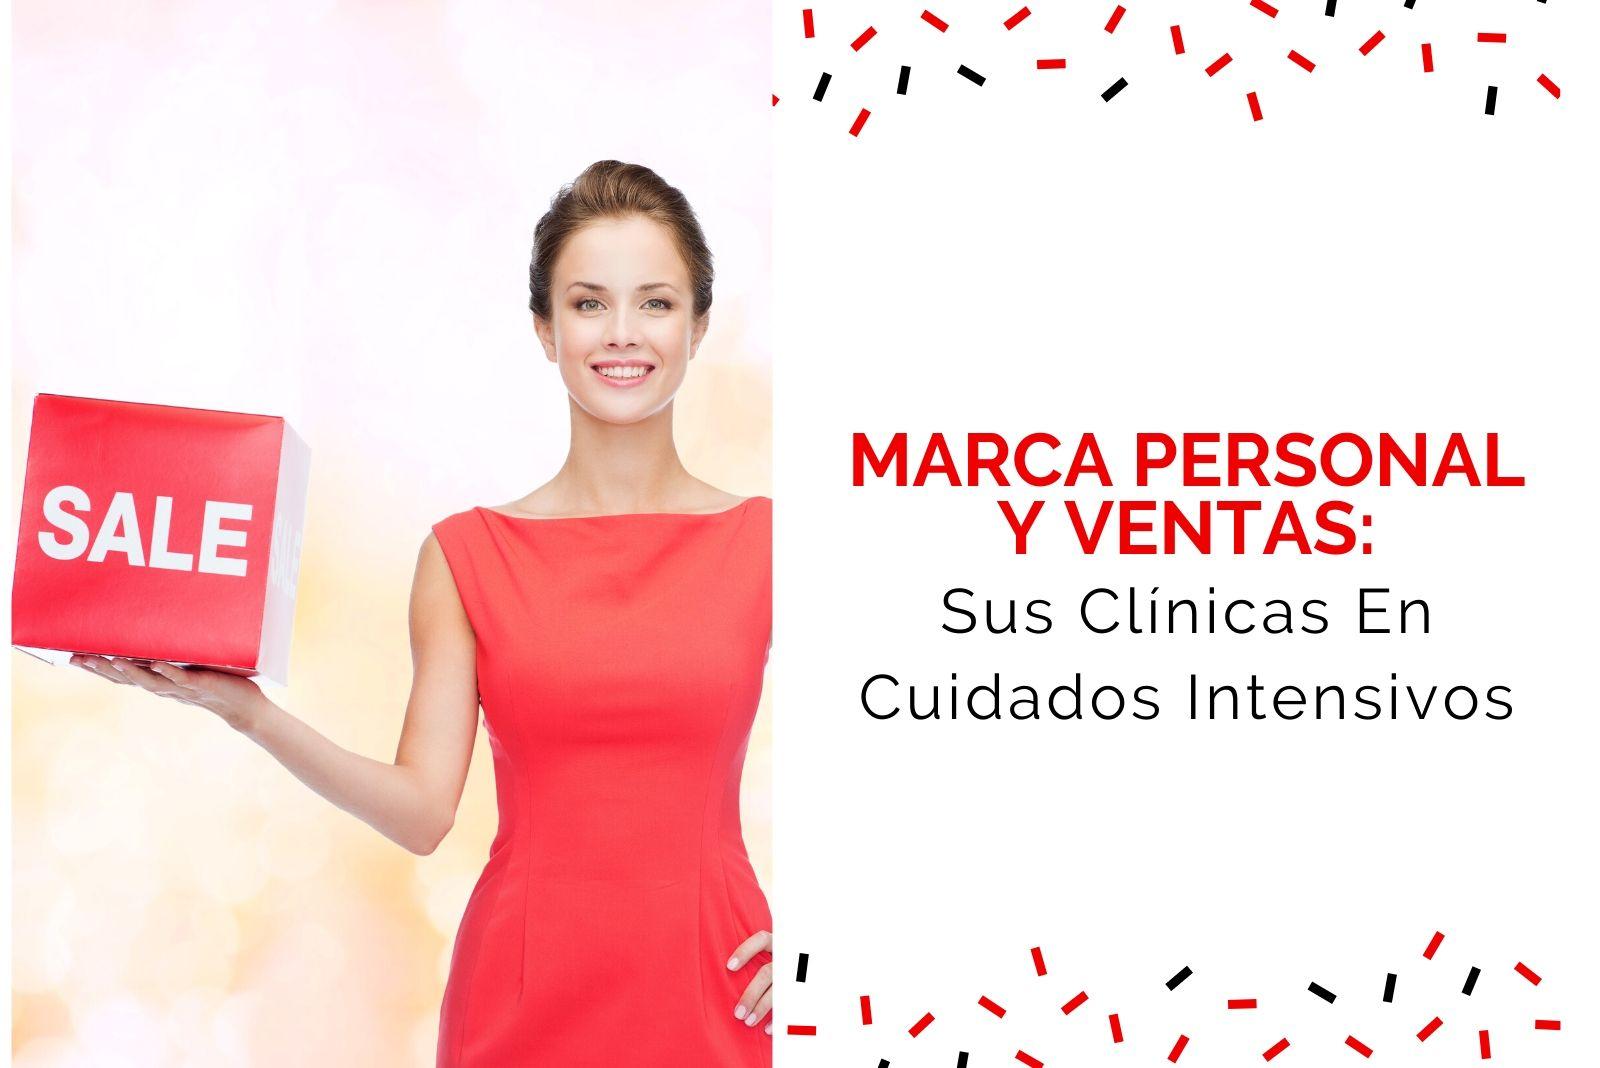 Hector Jimenez - Marca Personal y Área Comercial - Las Clínicas De Ventas En Cuidados Intensivos - 1